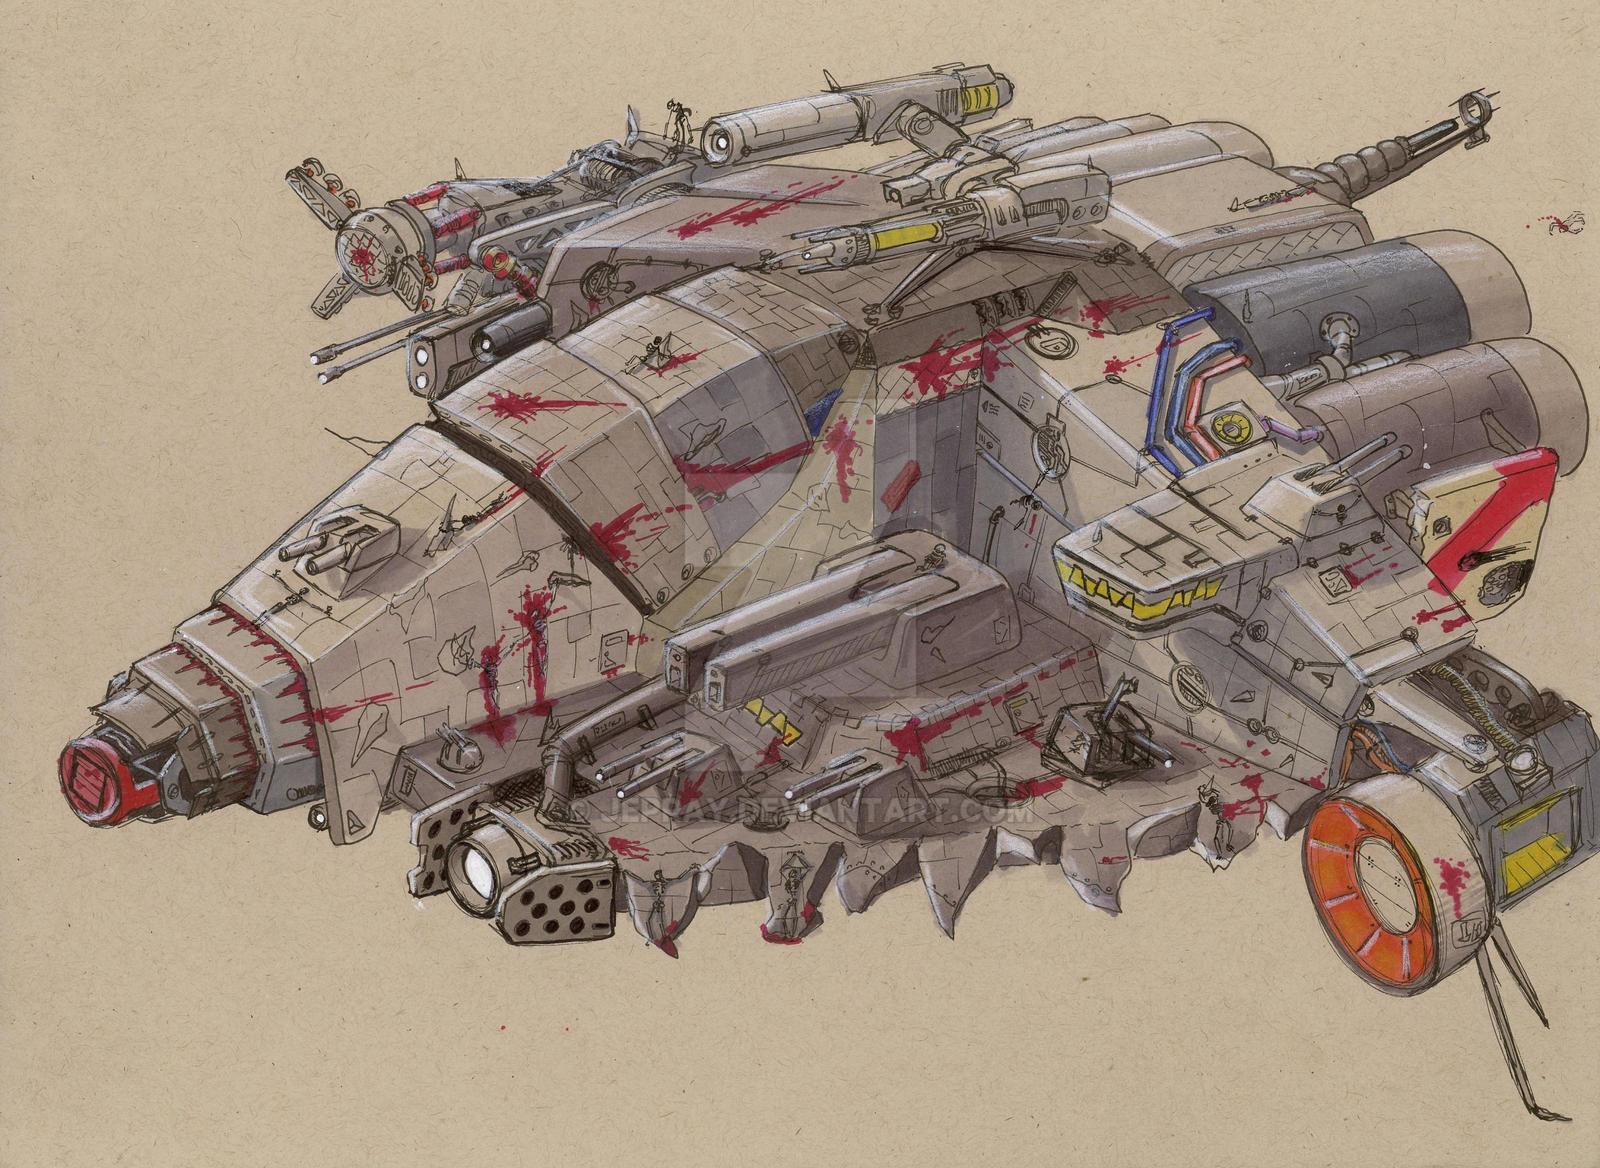 Bythrani raider ship by Jepray